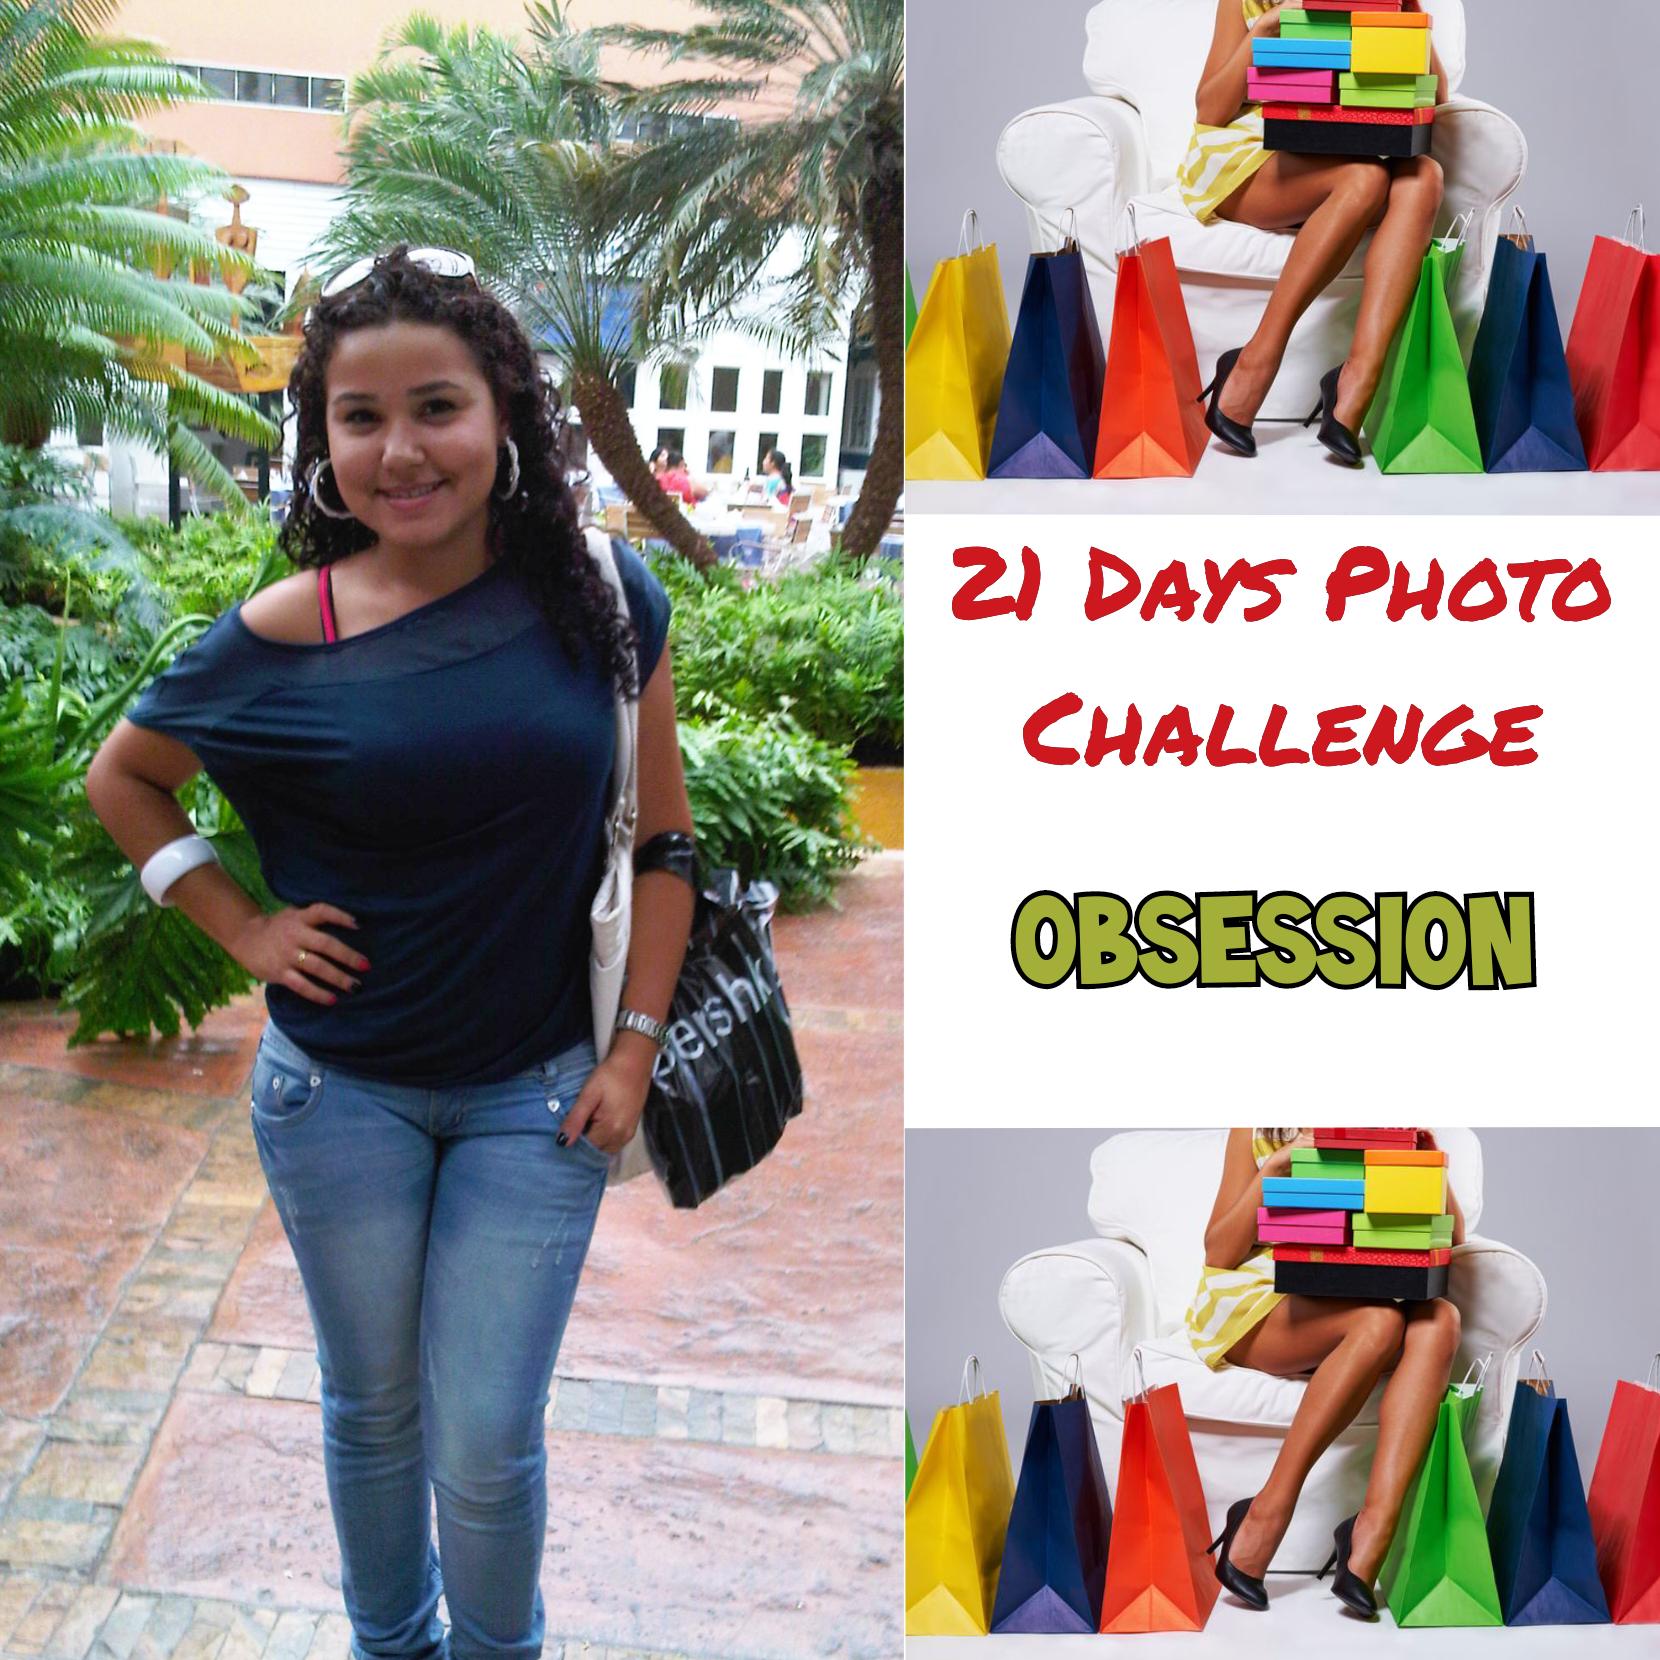 photoGridMaker_20210608_094819908.jpg